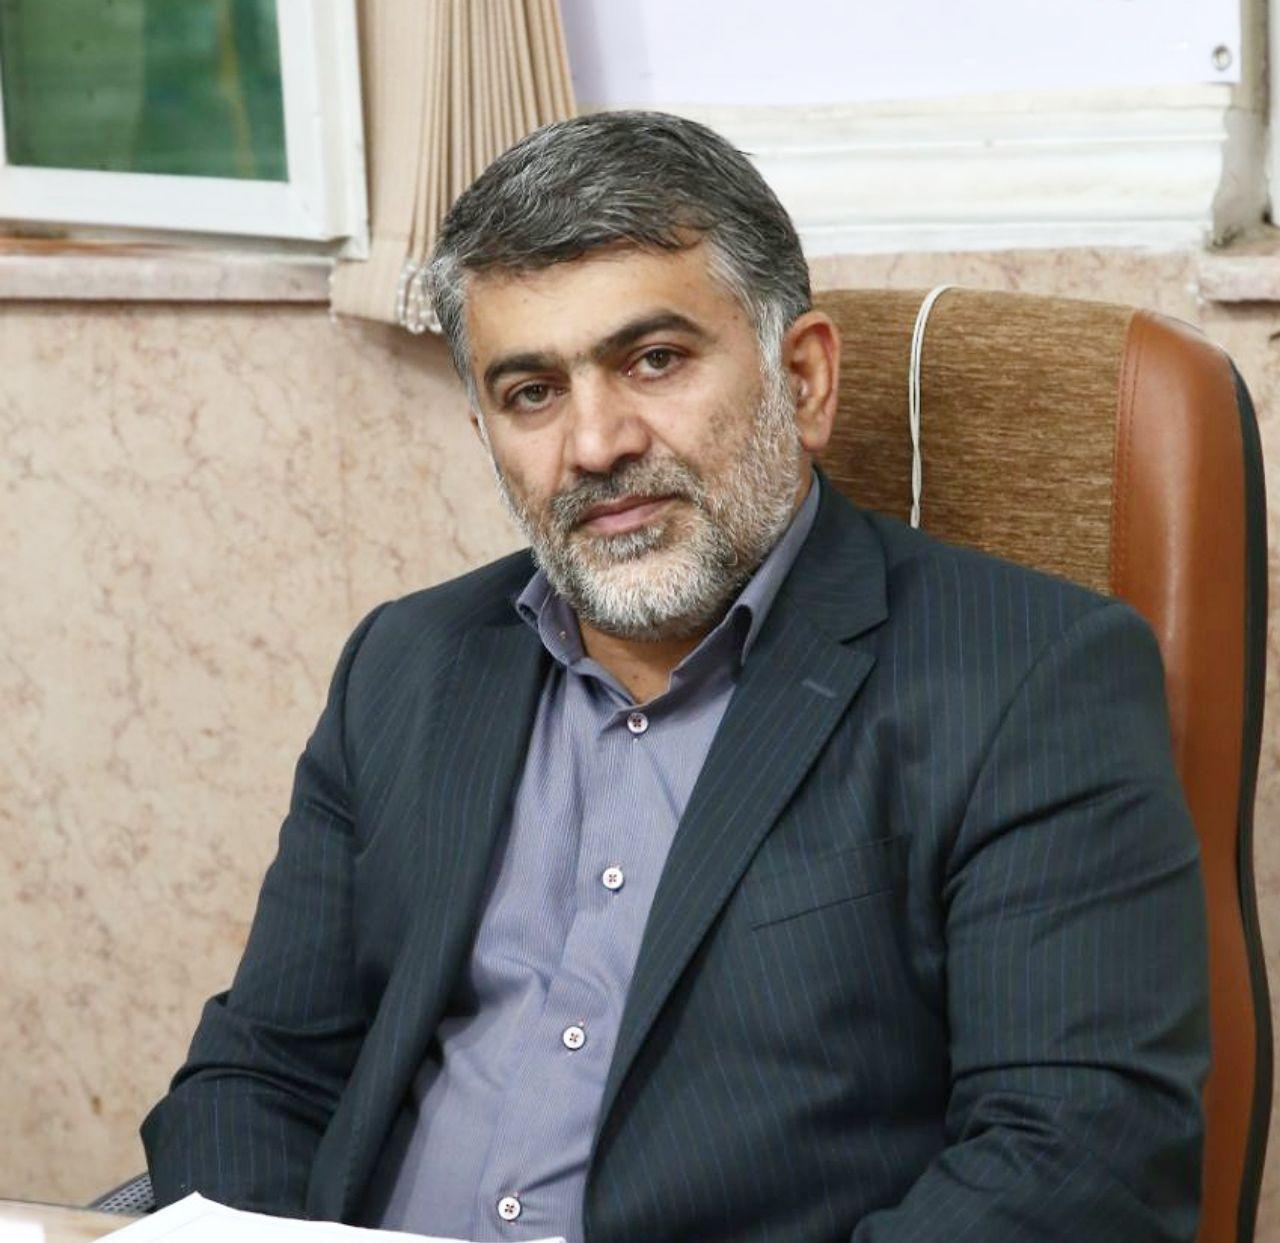 سید رضا احمدی ریئس شورای اسلامی شهر ورامین طی پیامی روز خبرنگار را تبریک گفت